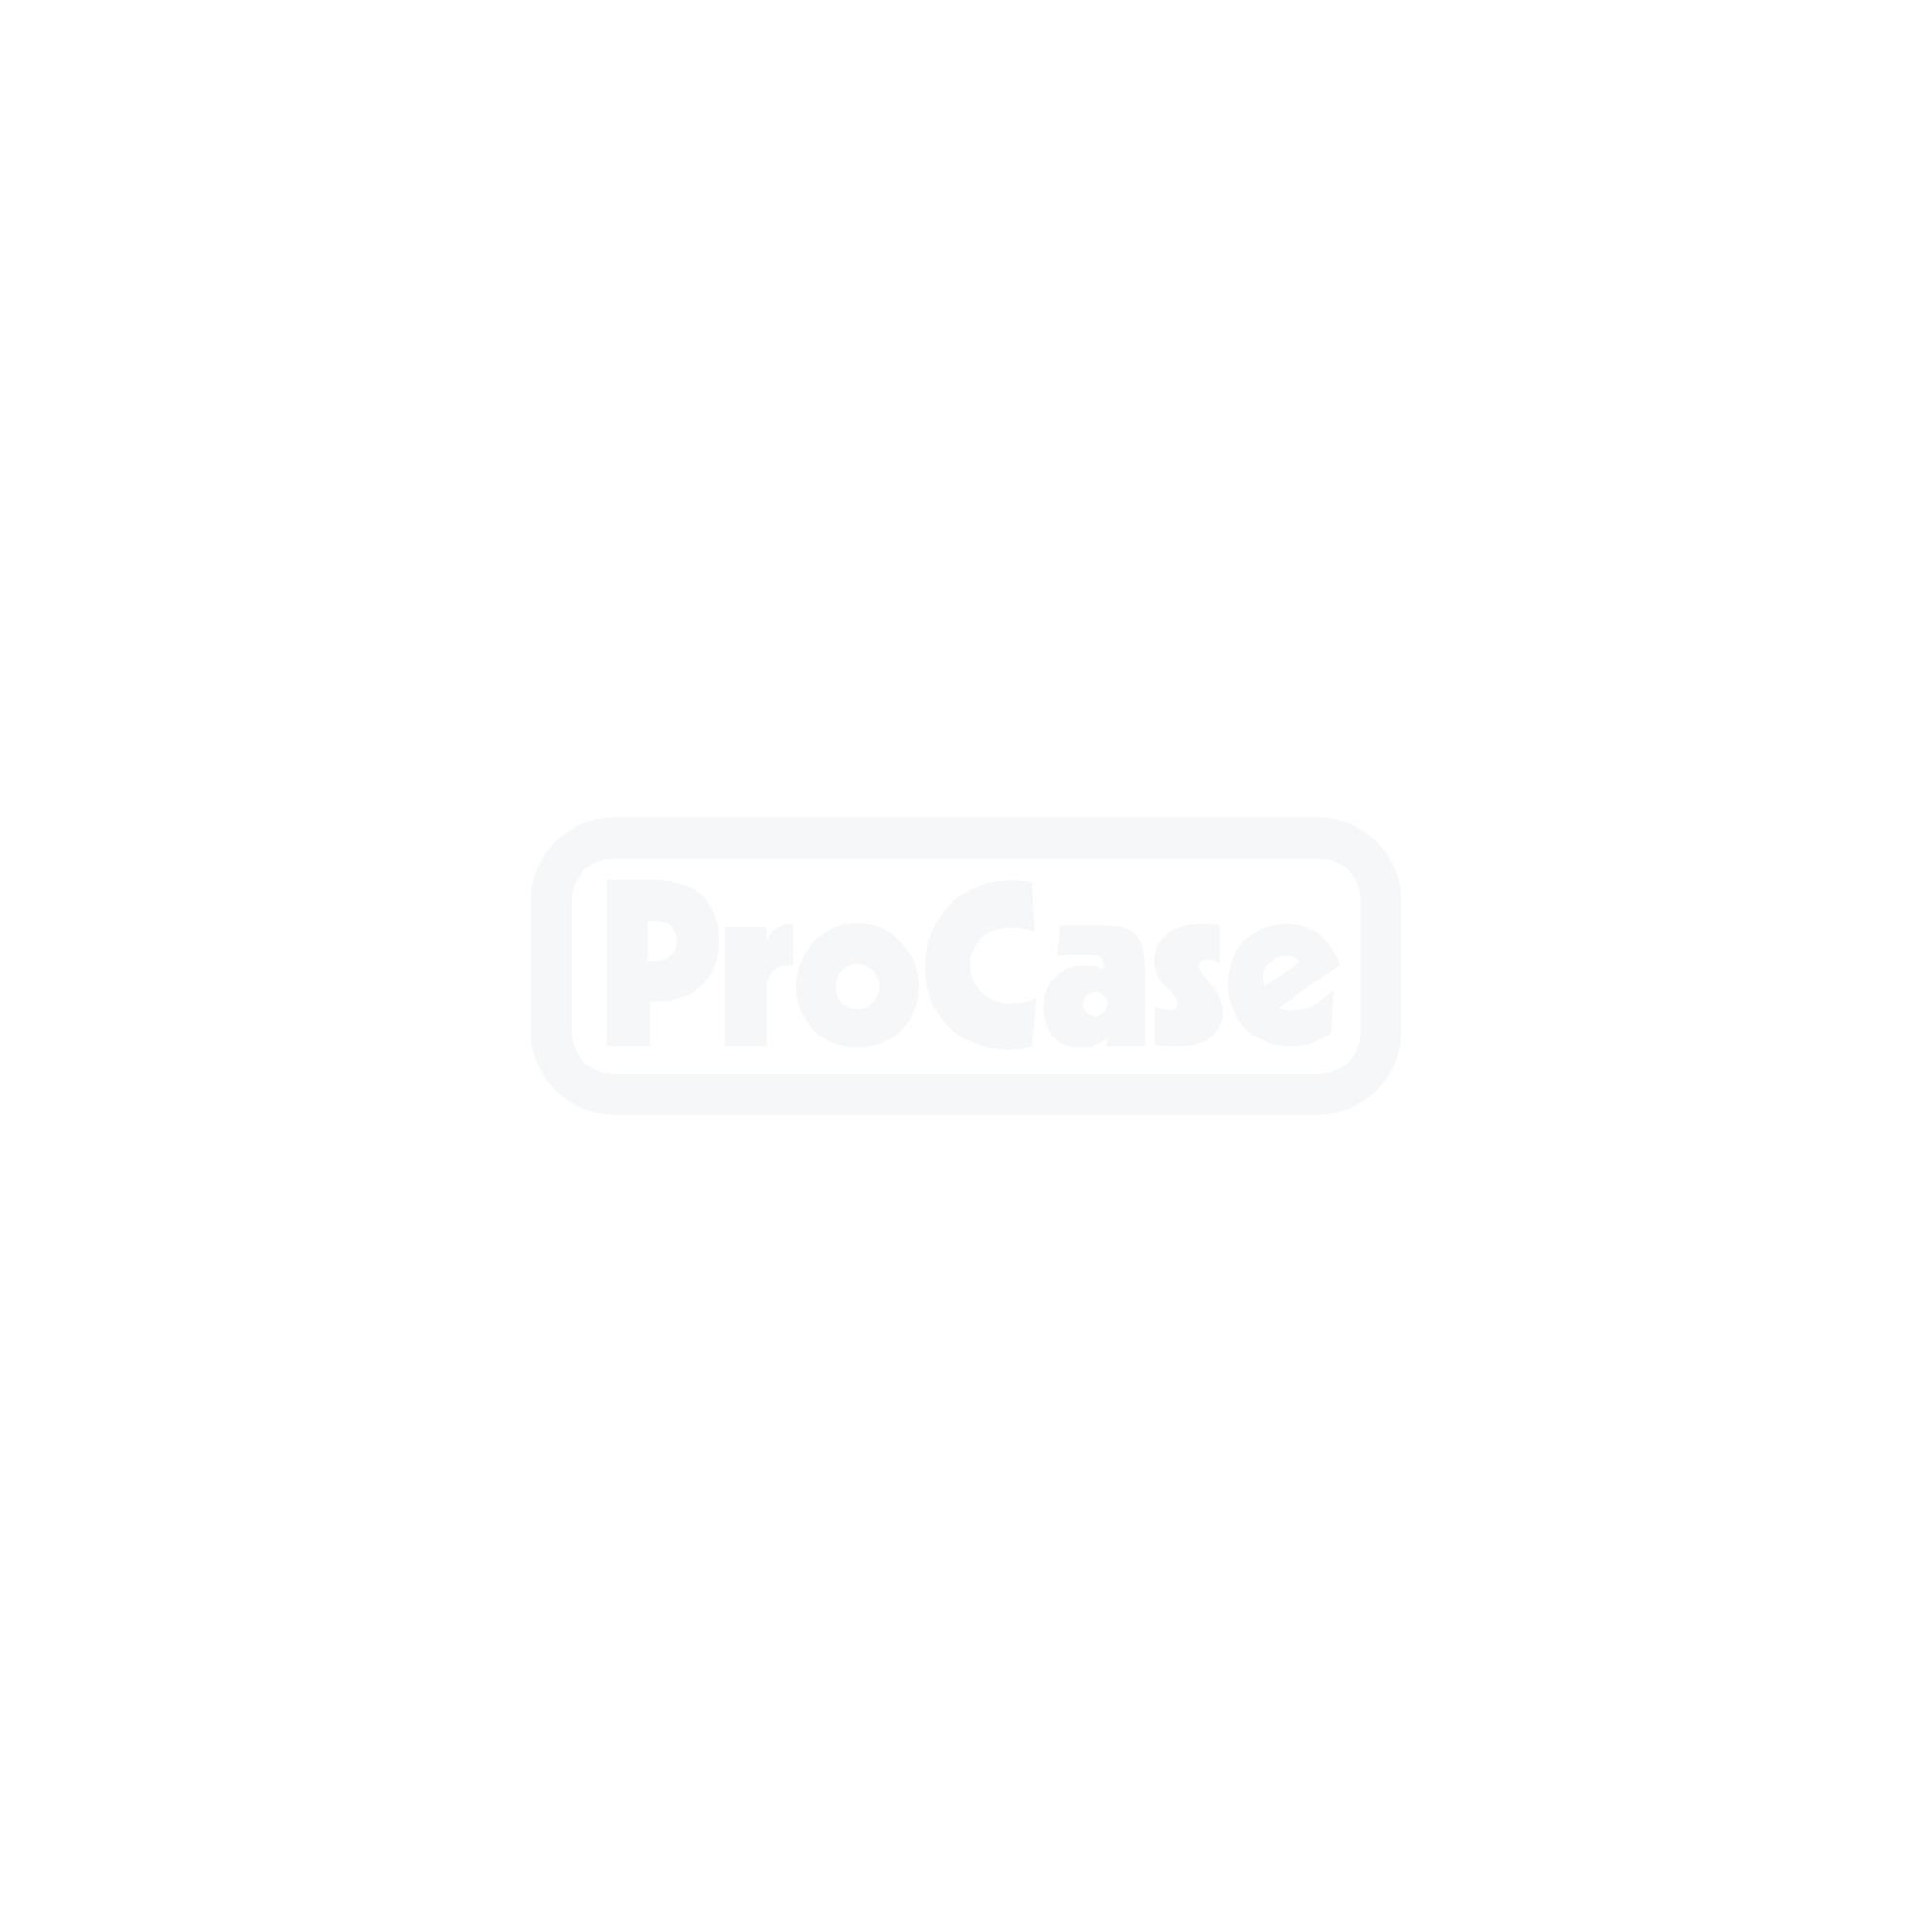 Packcase 4 mit Trolley und 4 Einschüben (Deckelvariante) 2